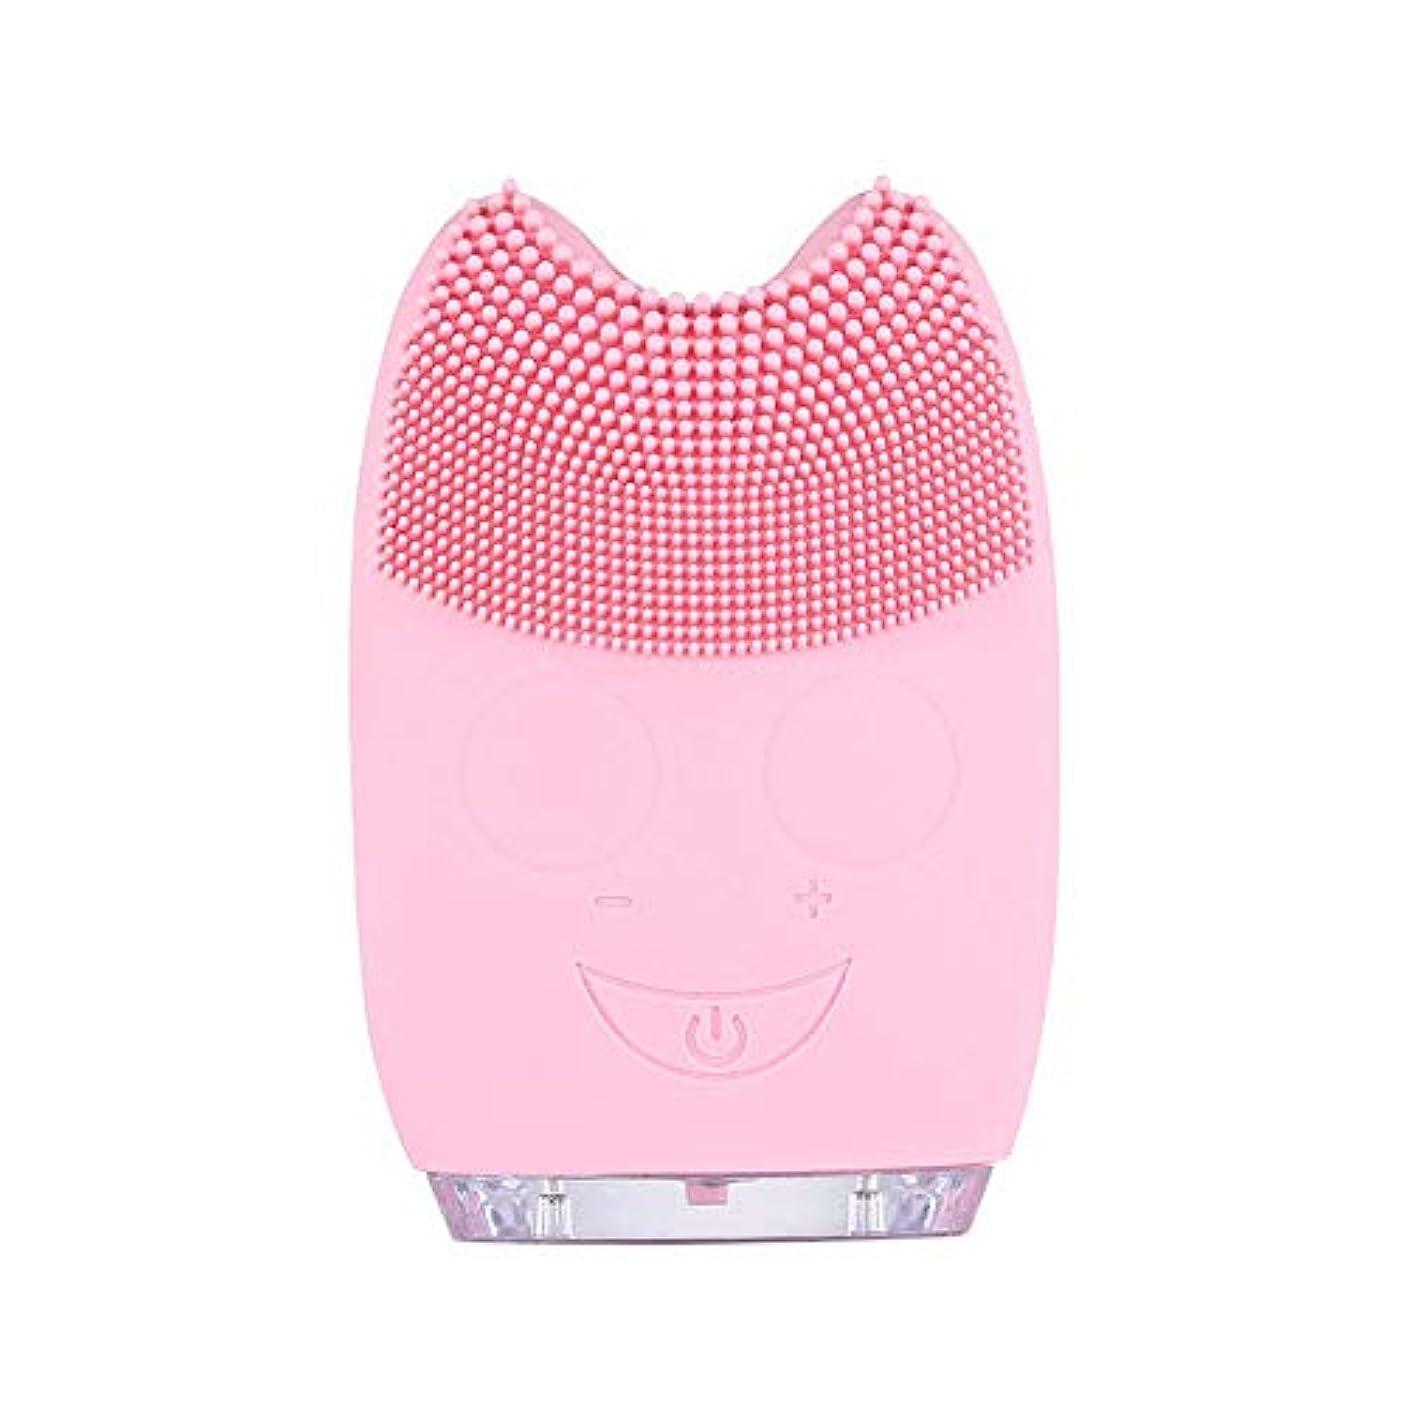 機械的シャイ抵抗洗顔ブラシ ソニックフェイシャルクレンジングブラシマッサージャー充電式電気シリコーン剥離フェイススクラブブラシ ディープクレンジングスキンケア用 (色 : ピンク, サイズ : 9.8*6.4*3cm)